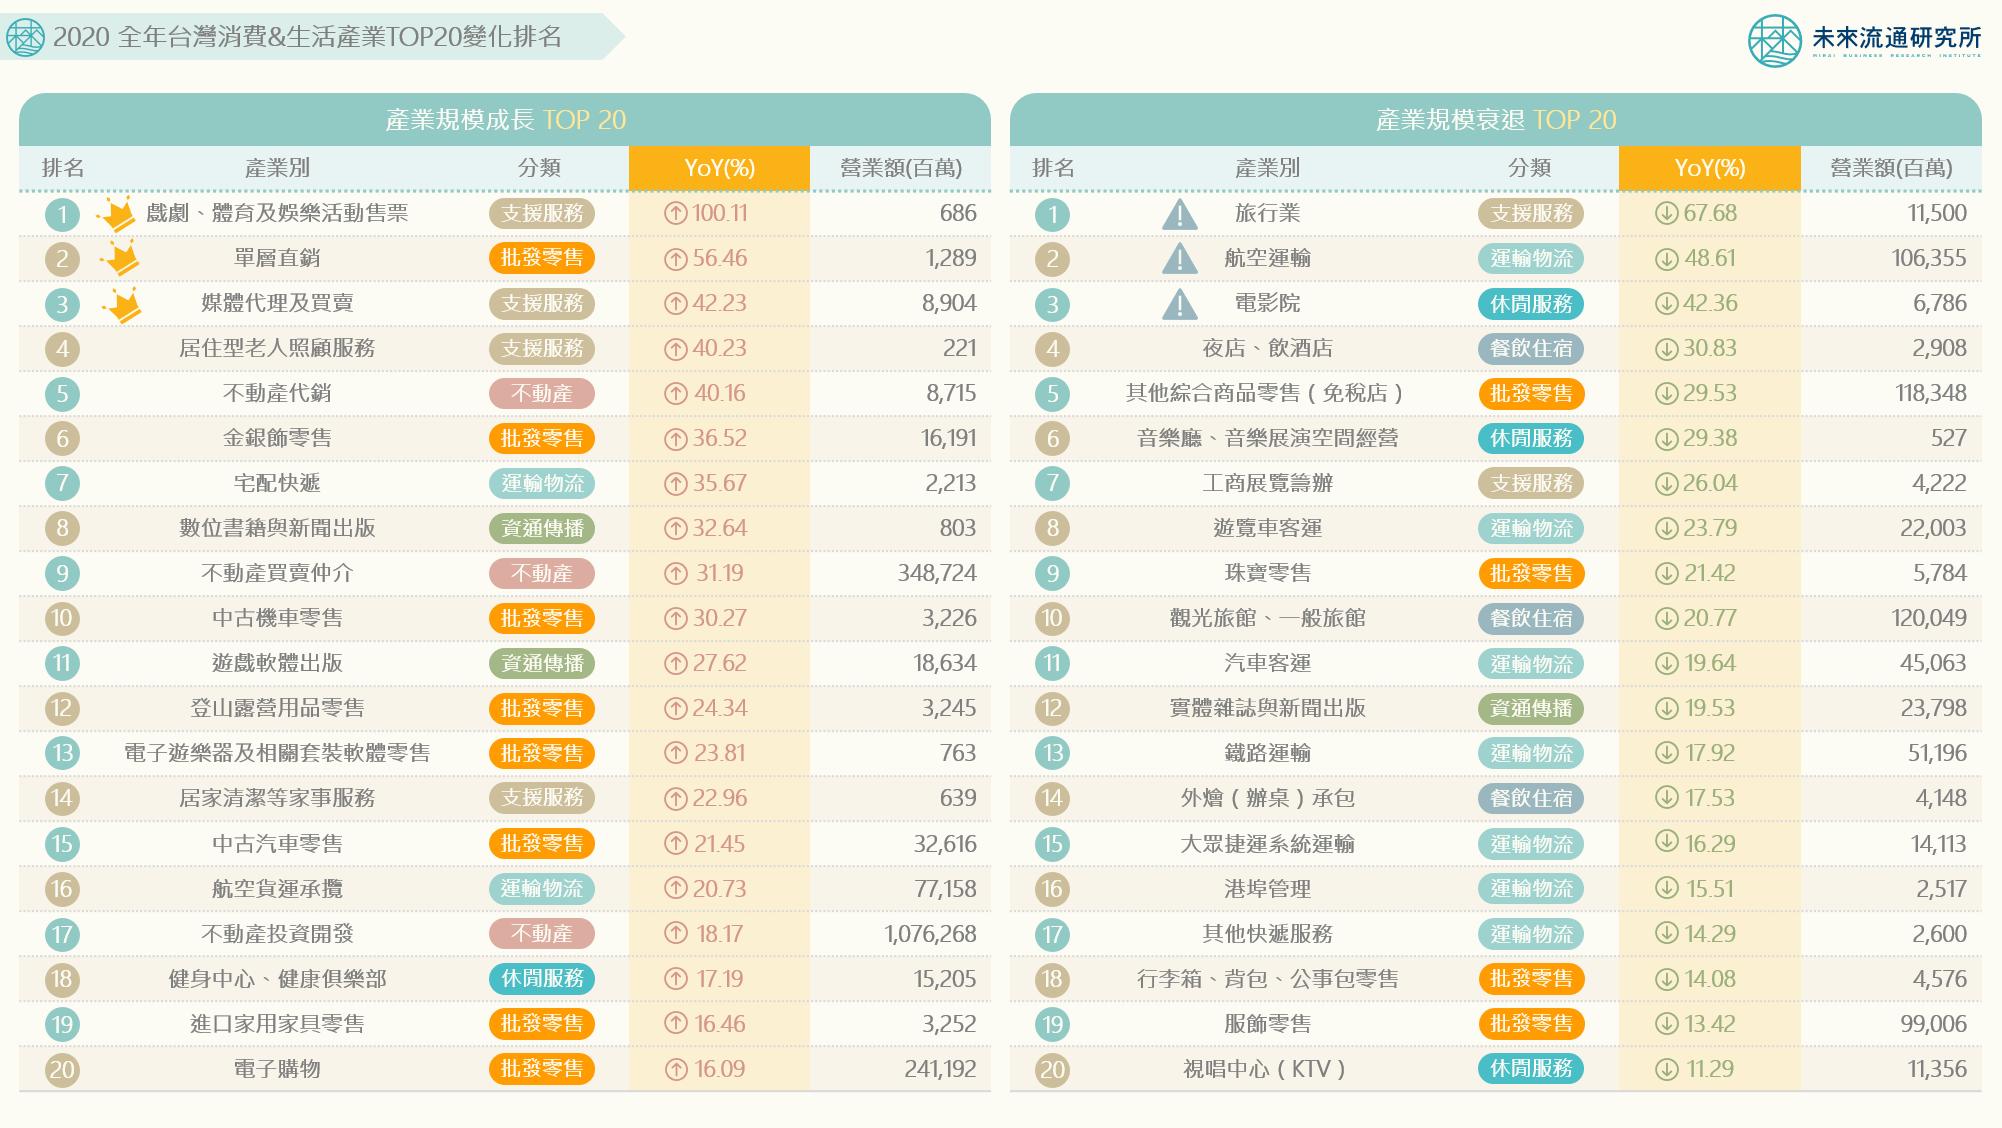 2021【商業數據圖解】2020年台灣消費&生活產業TOP20變化排名